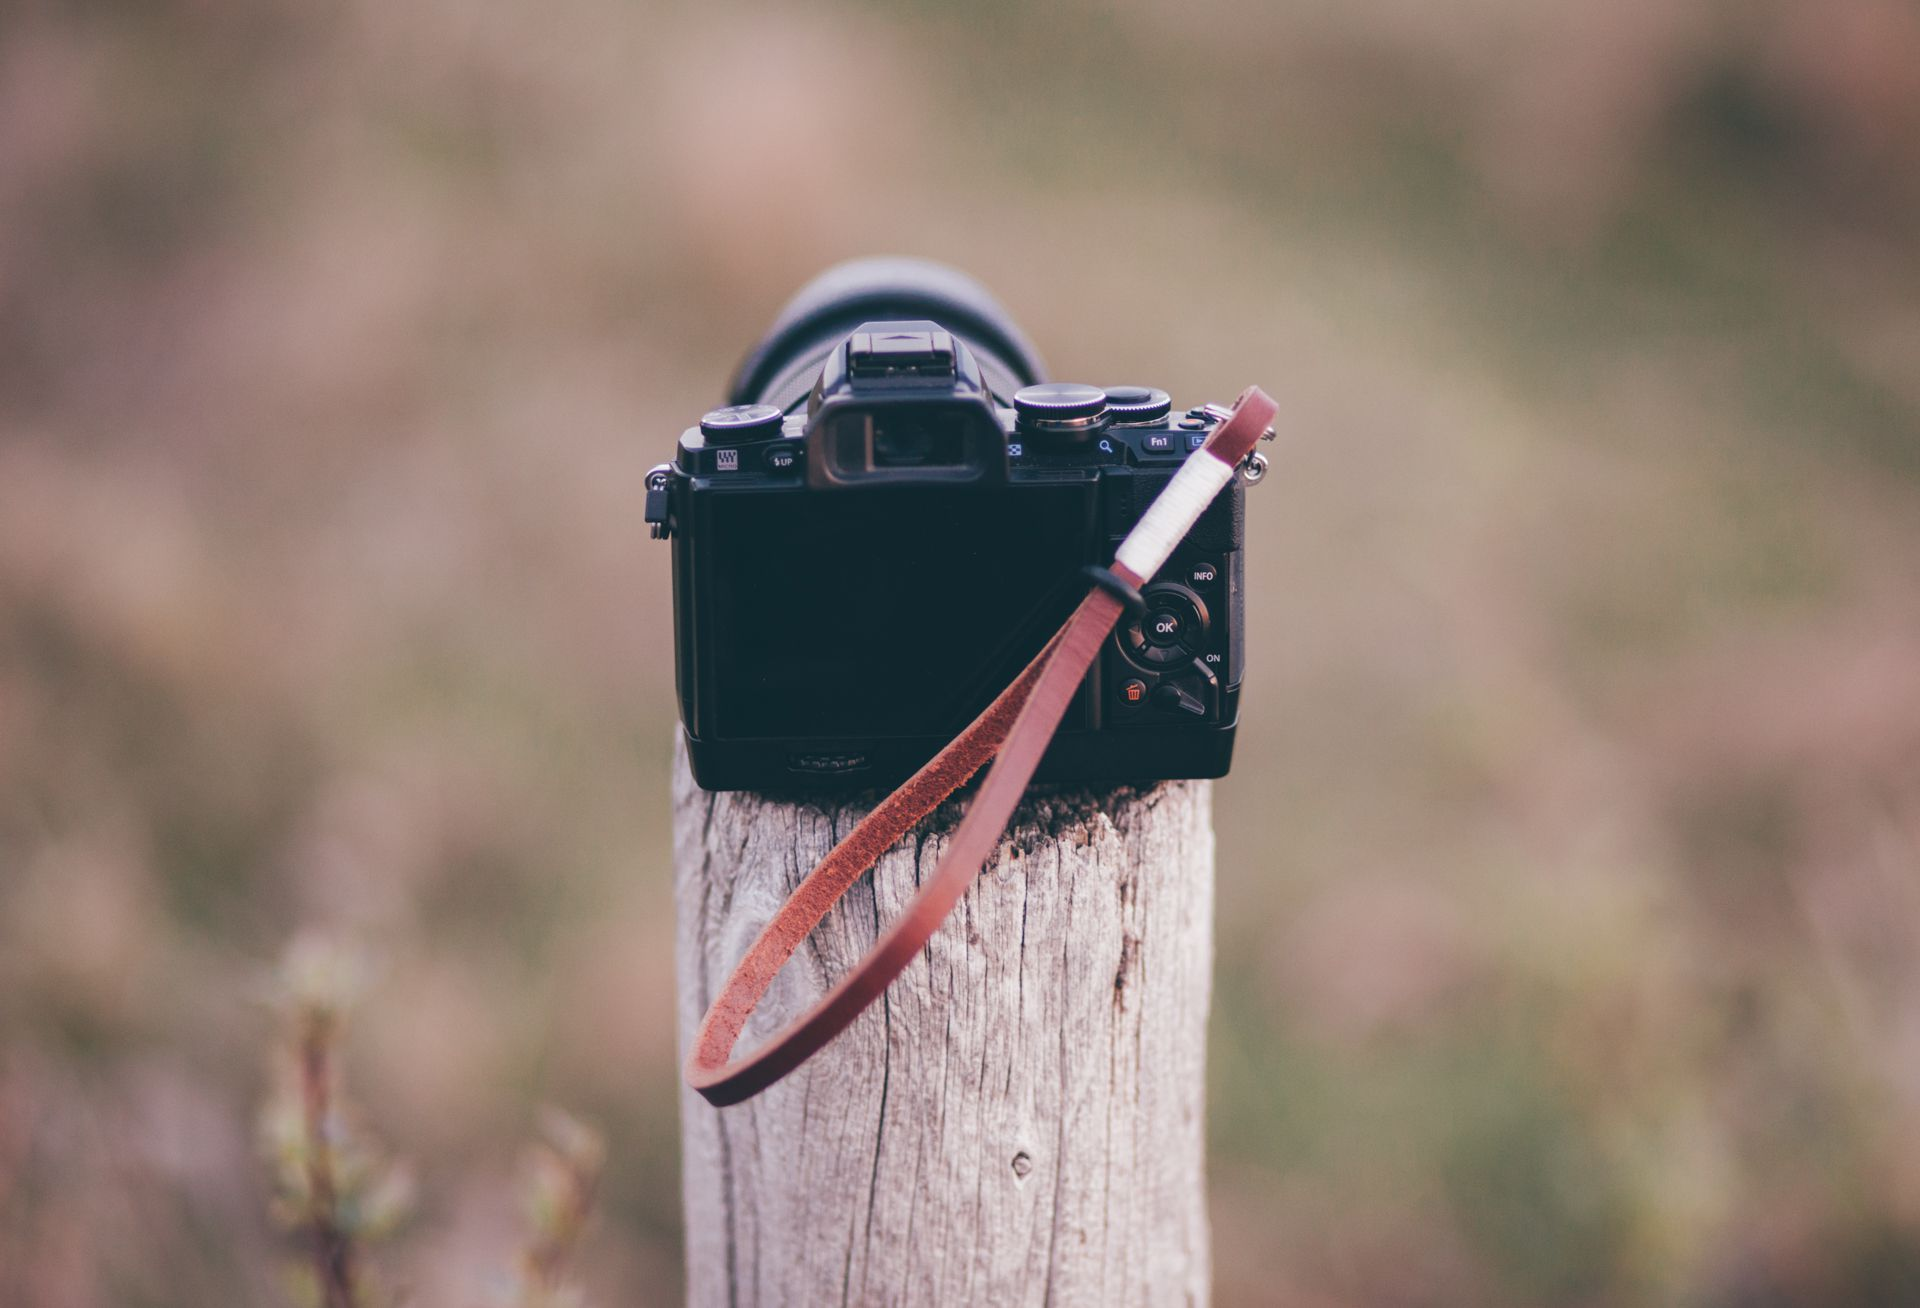 Gordy's Camera Wrist Strap